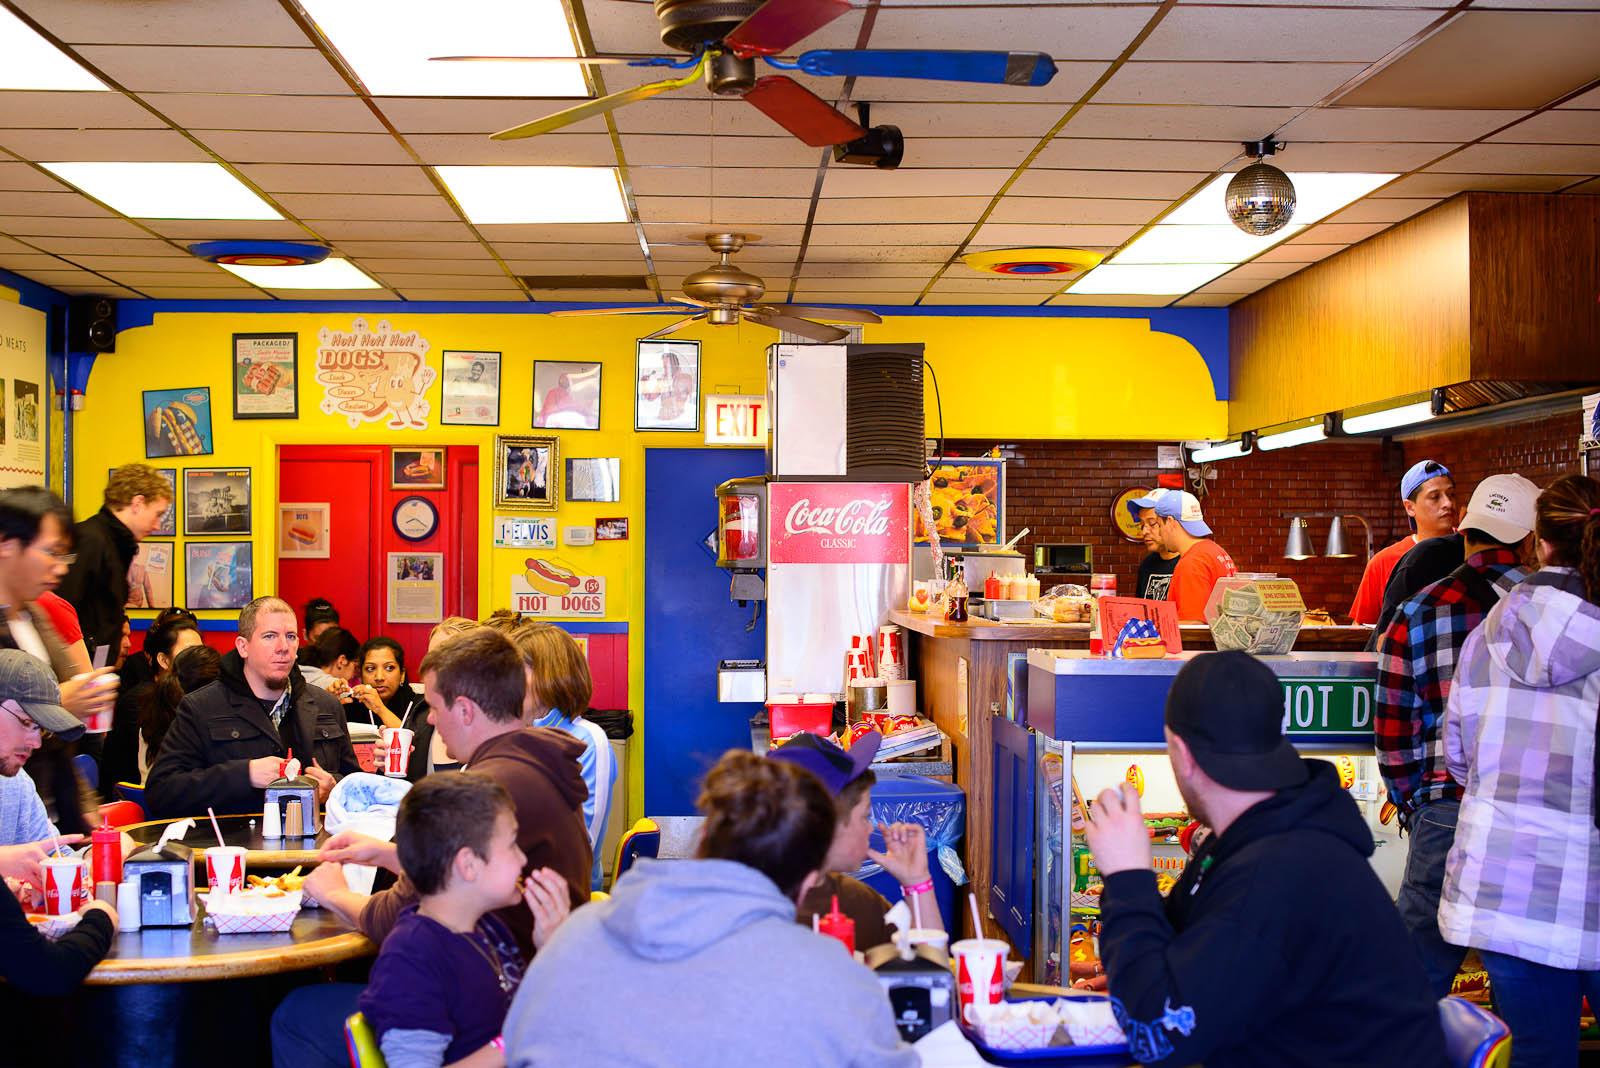 Inside Hot Doug's